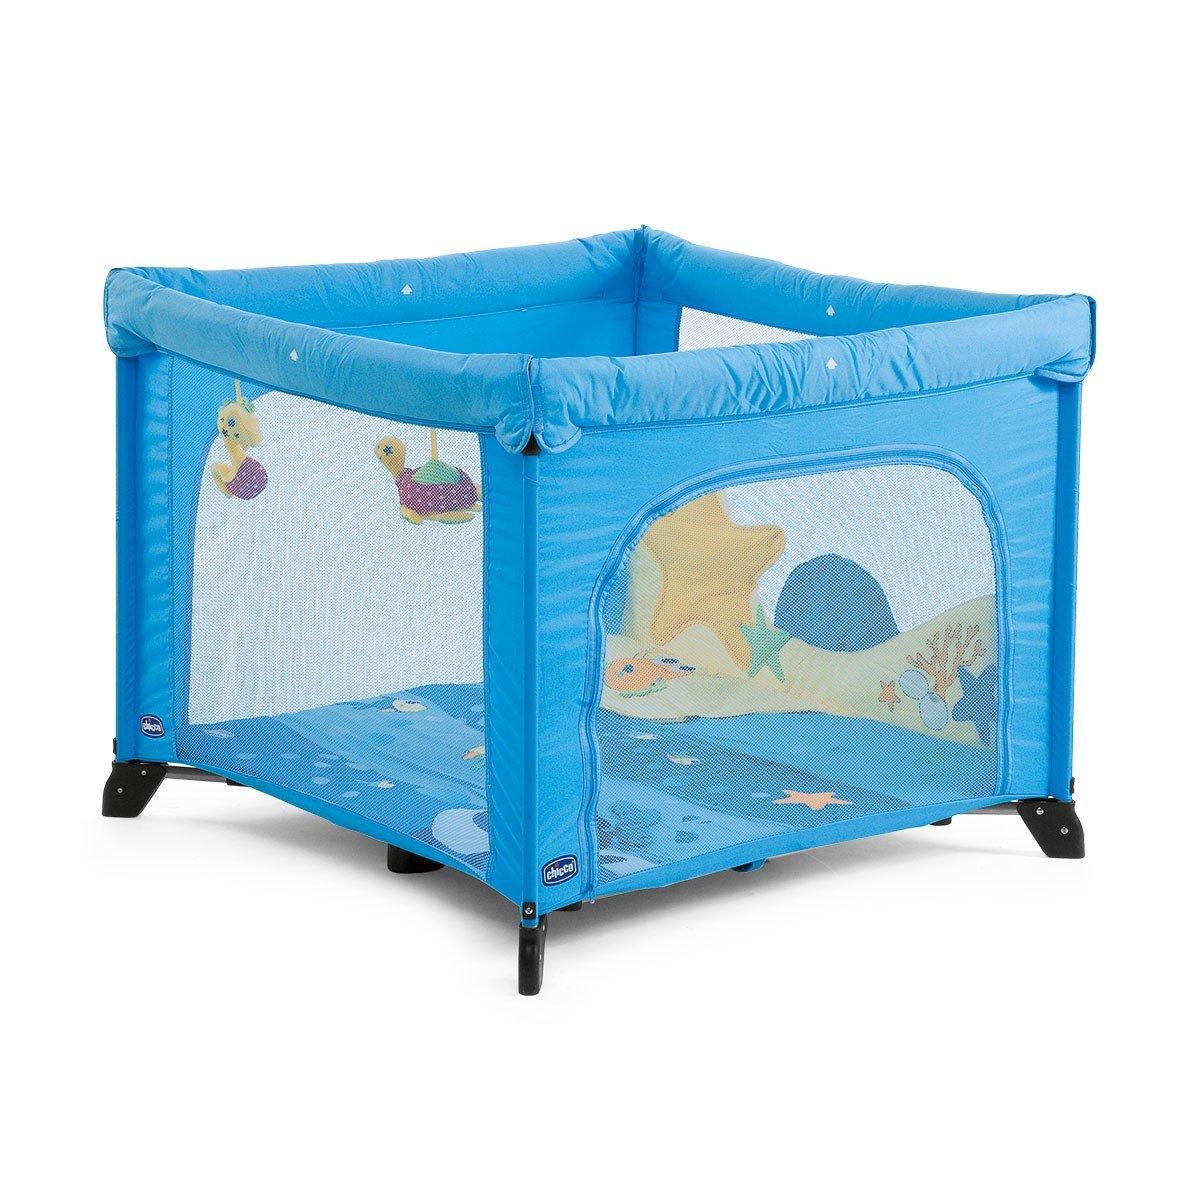 Chicco Open Sea Dreams - Parque de juegos infantil con muñecos, 0-4 años, color azul